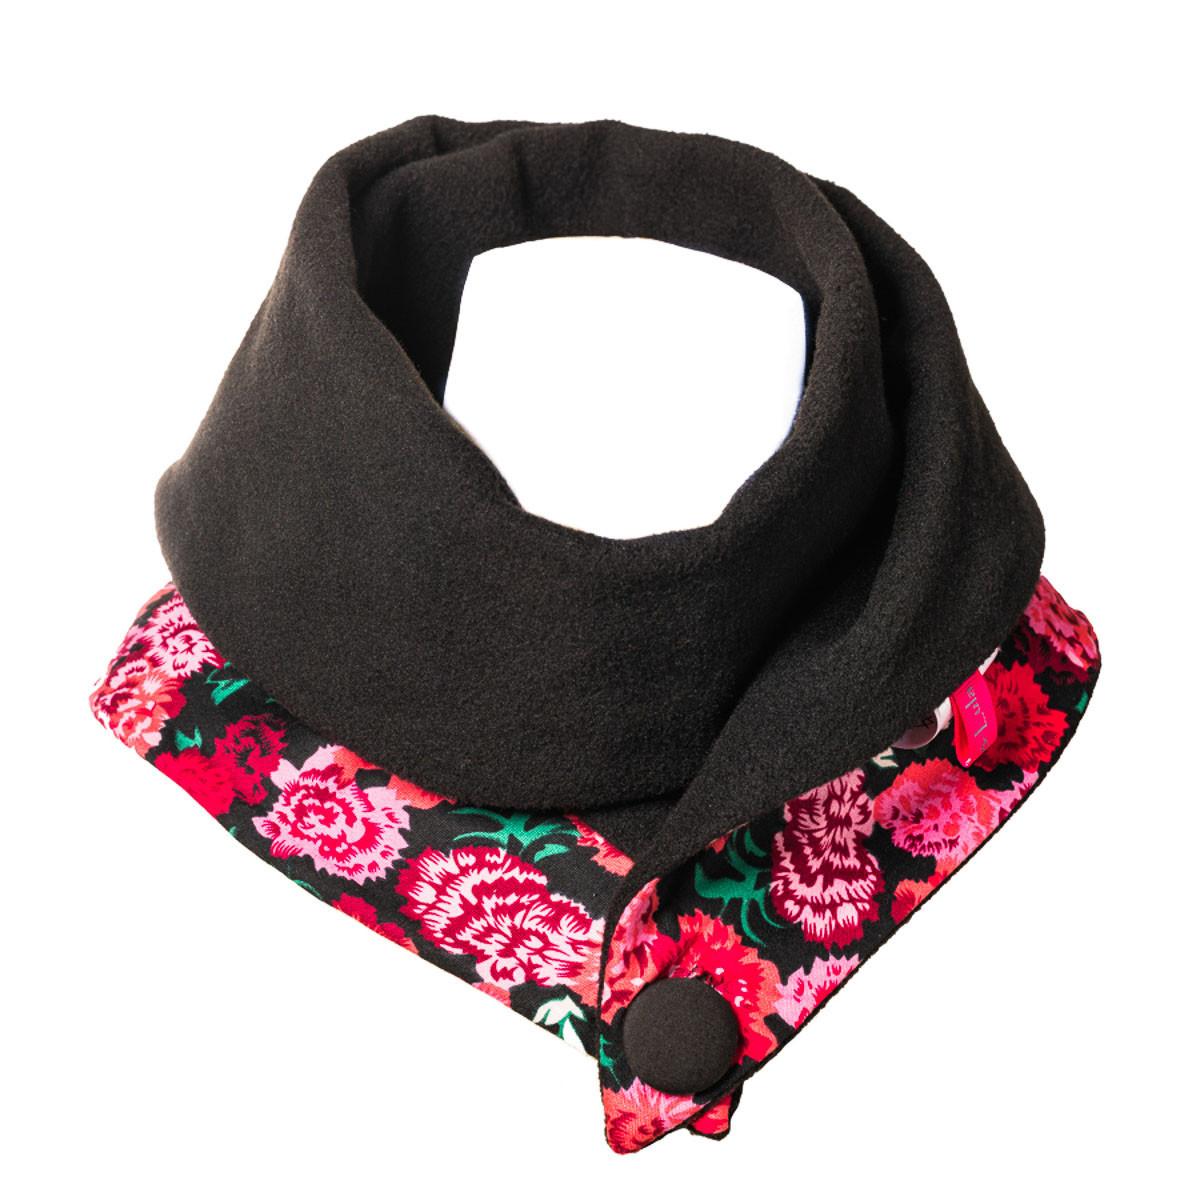 Echarpe polaire femme coton noire et fleurs roses